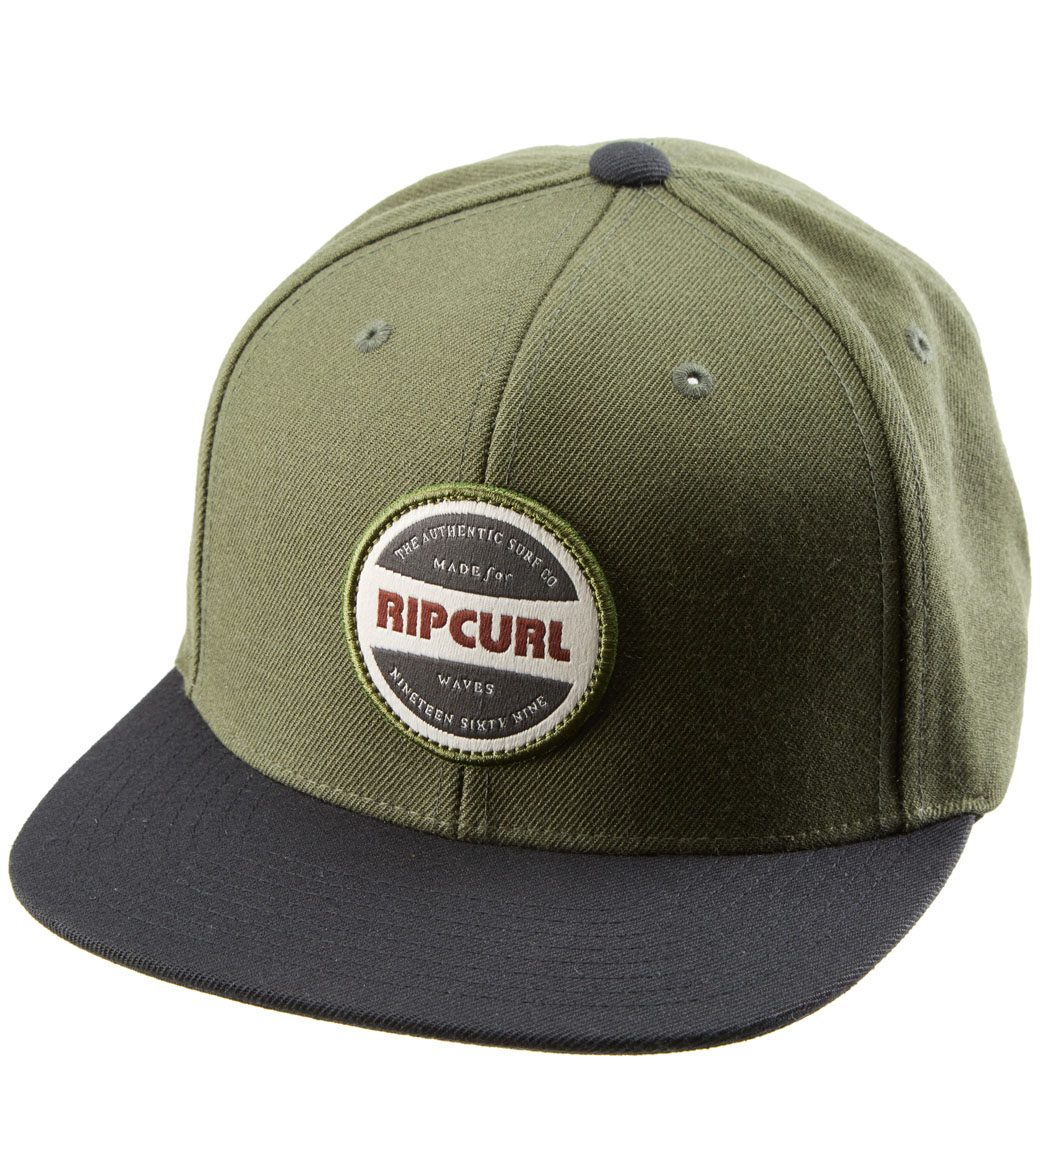 Rip Curl Staple Snapback Cap at SwimOutlet.com c27363e3d15